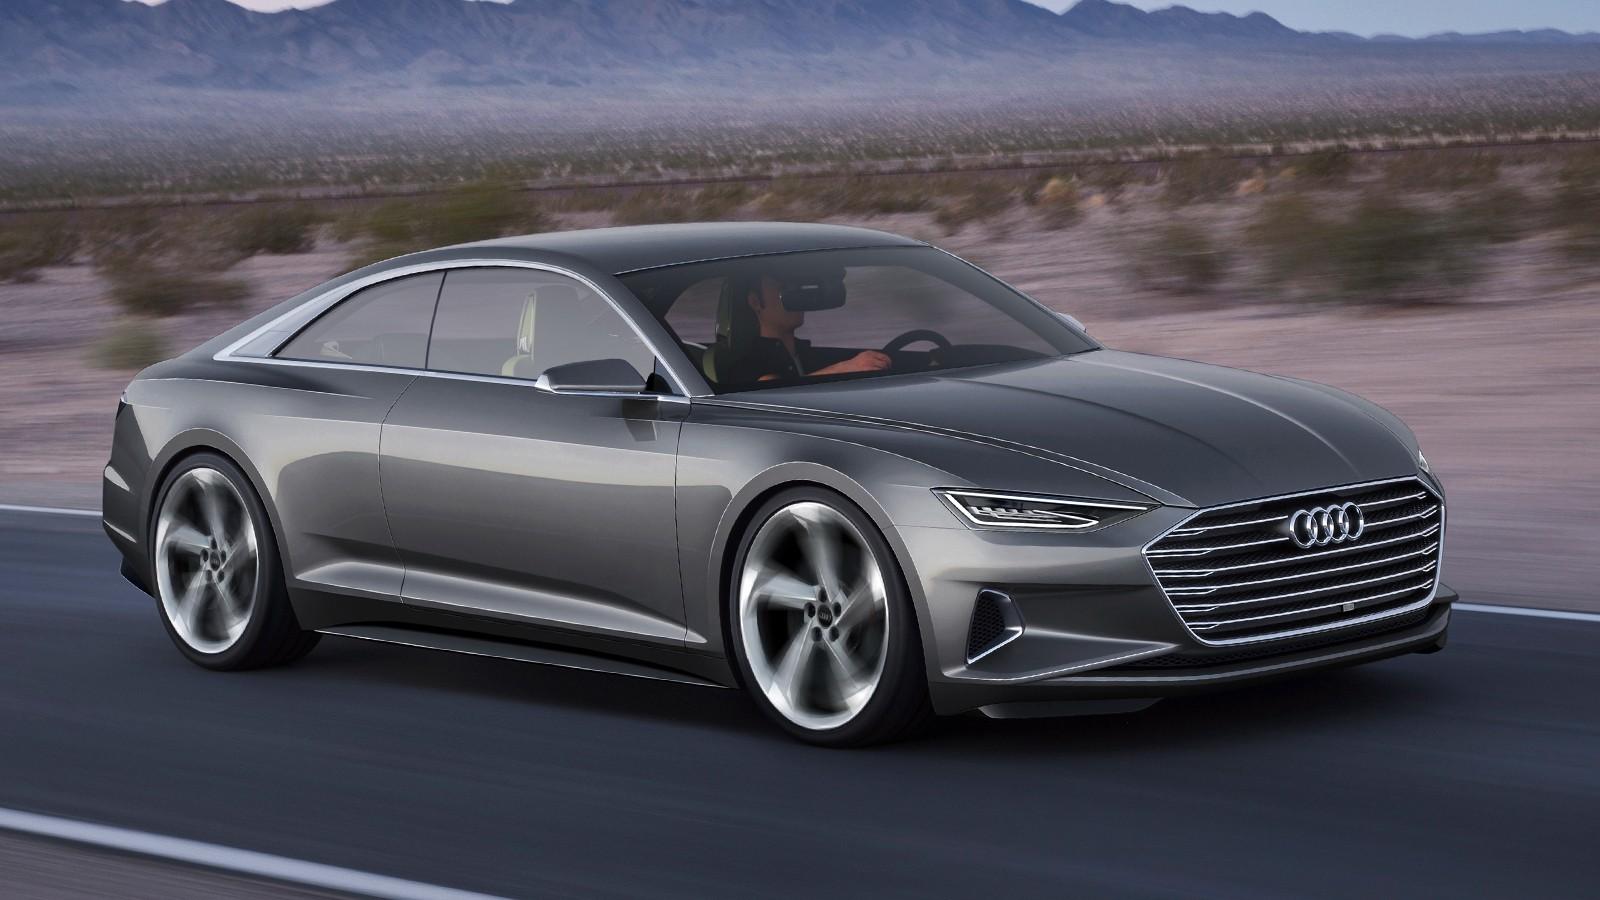 На фото: Audi prologue concept — прообраз нового A8